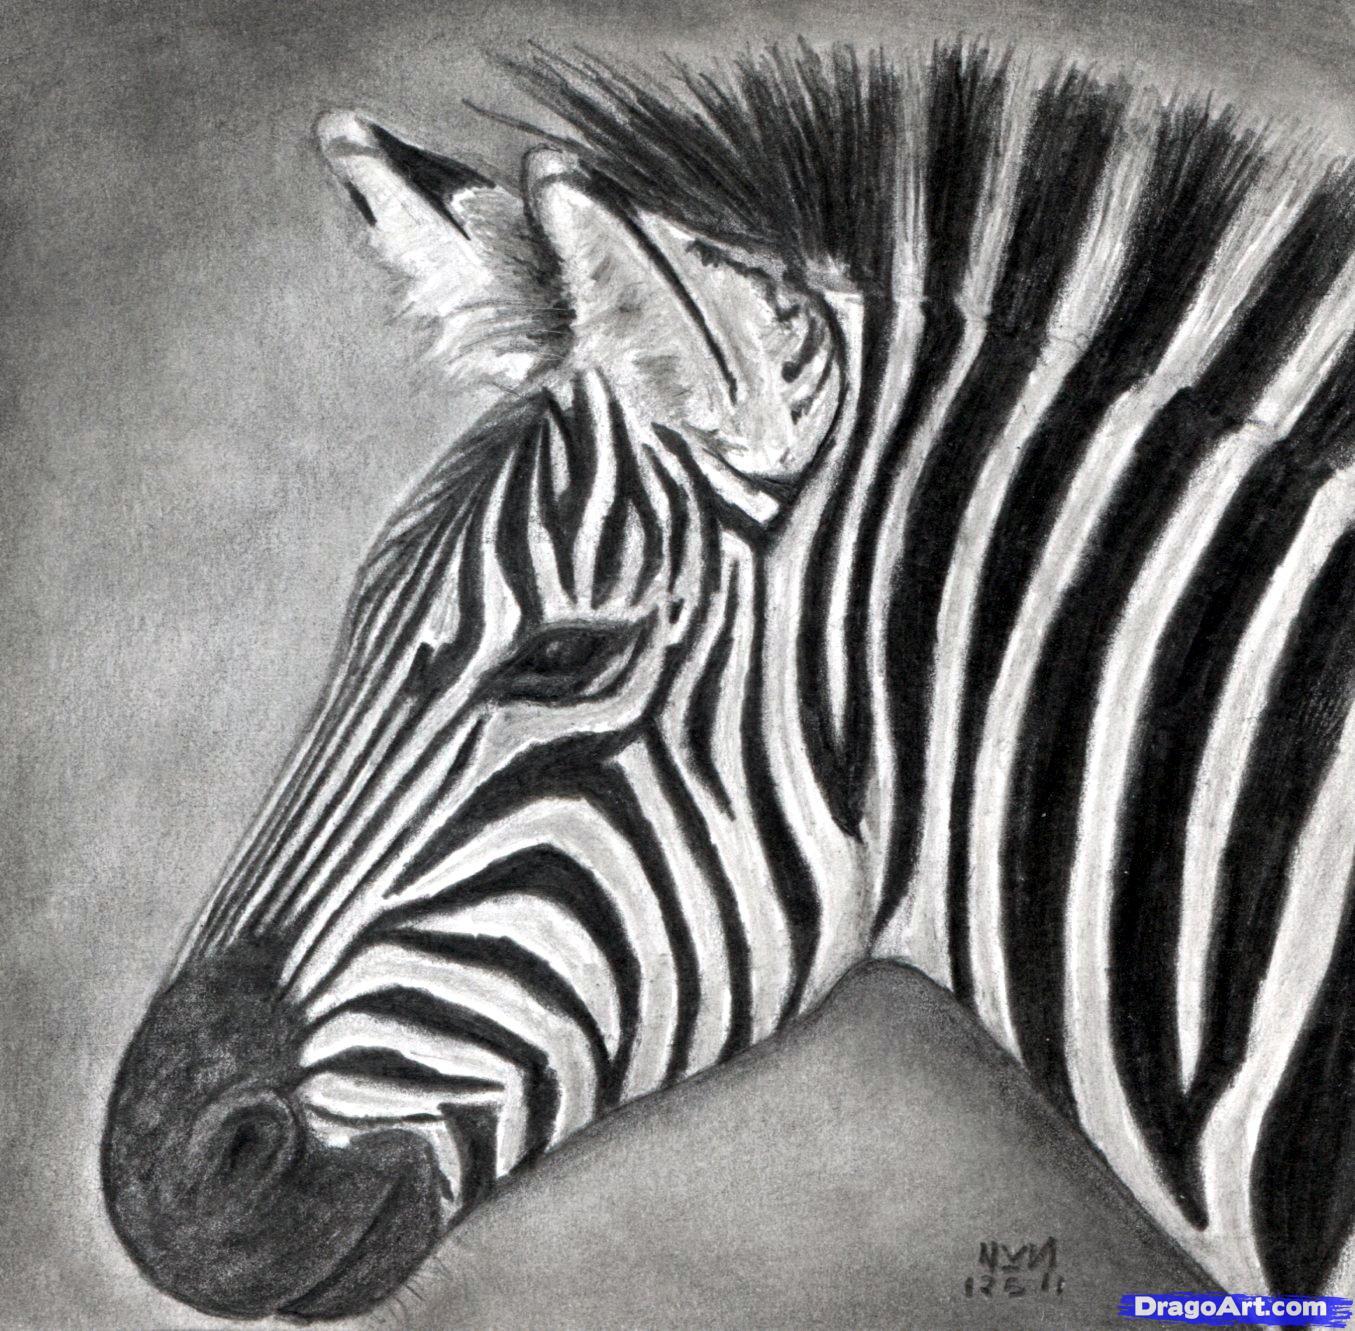 Drawn zebra #15